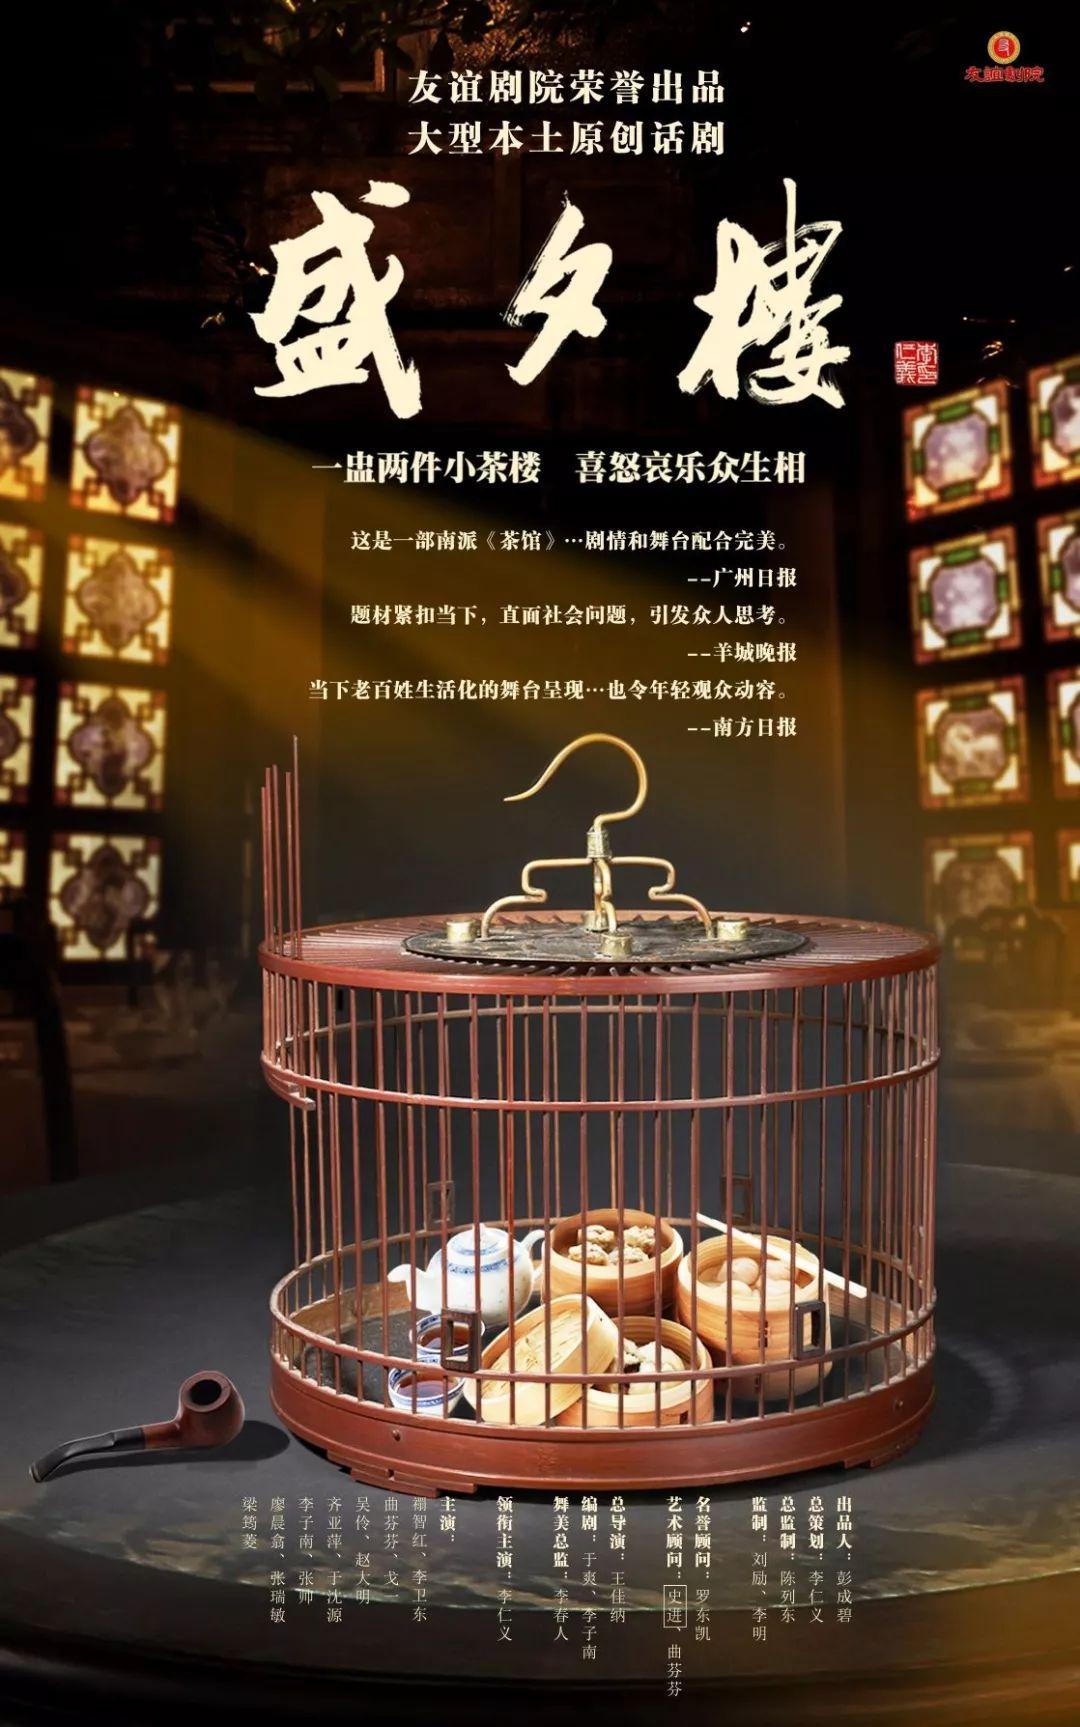 大型现实题材话剧《广州站》即将首演